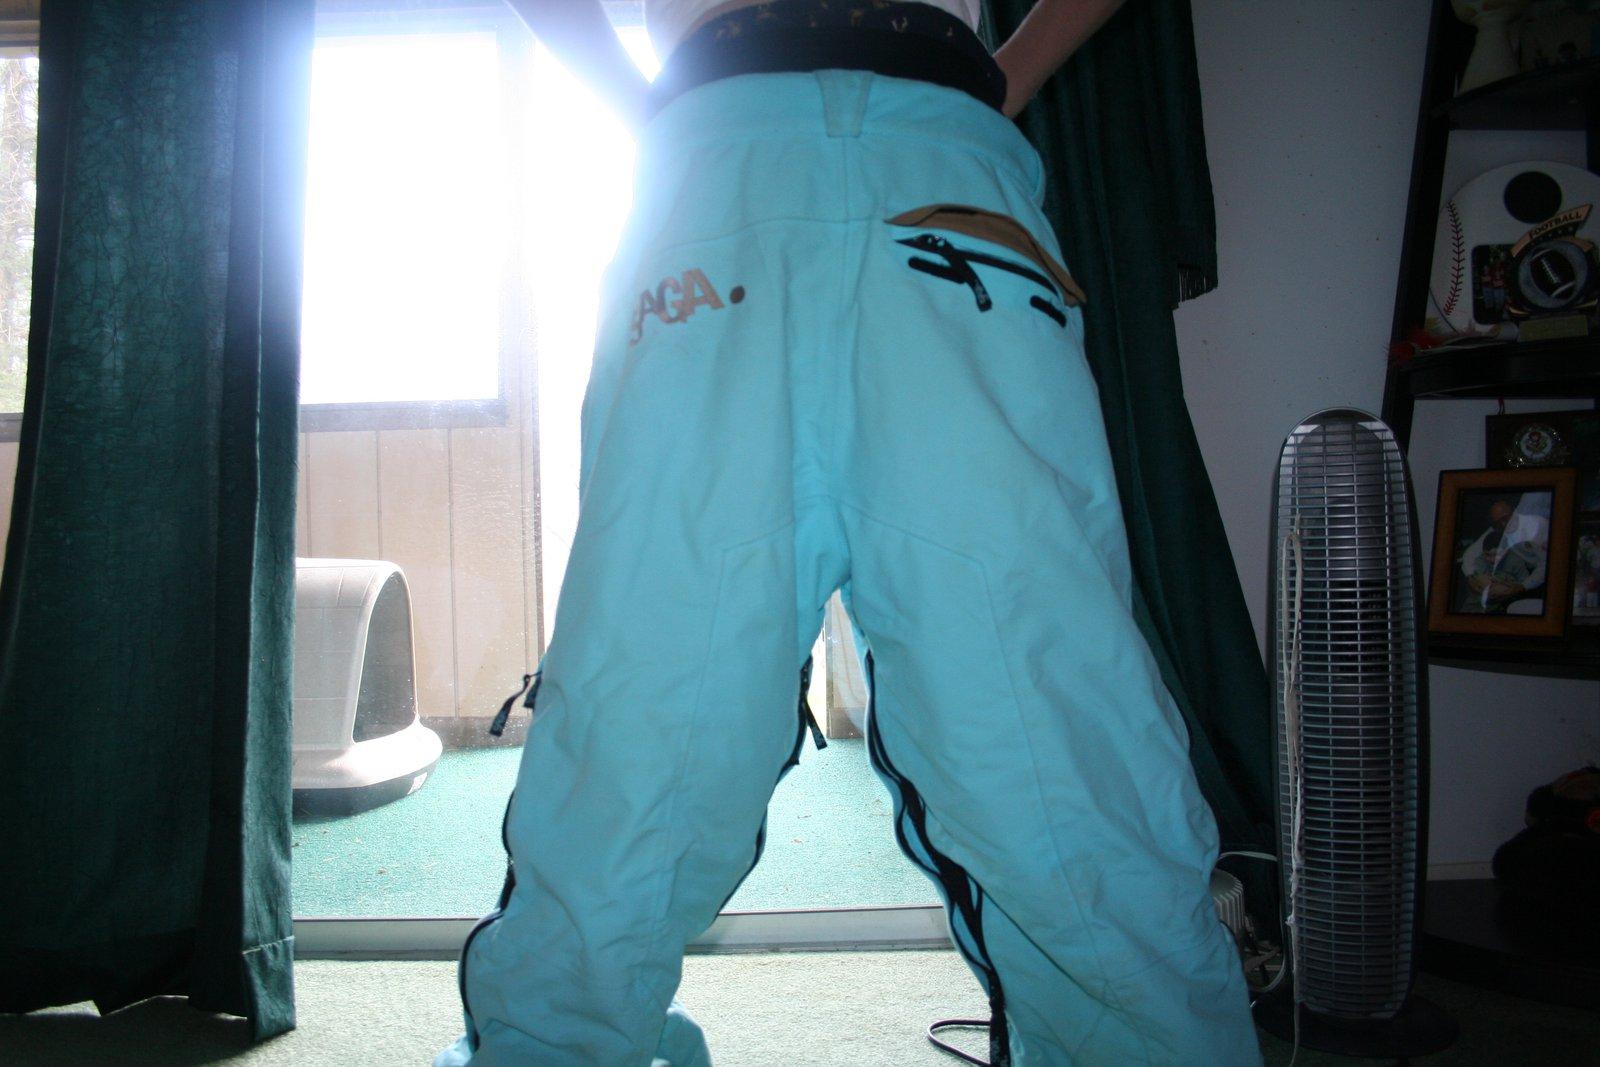 Back of saga pants